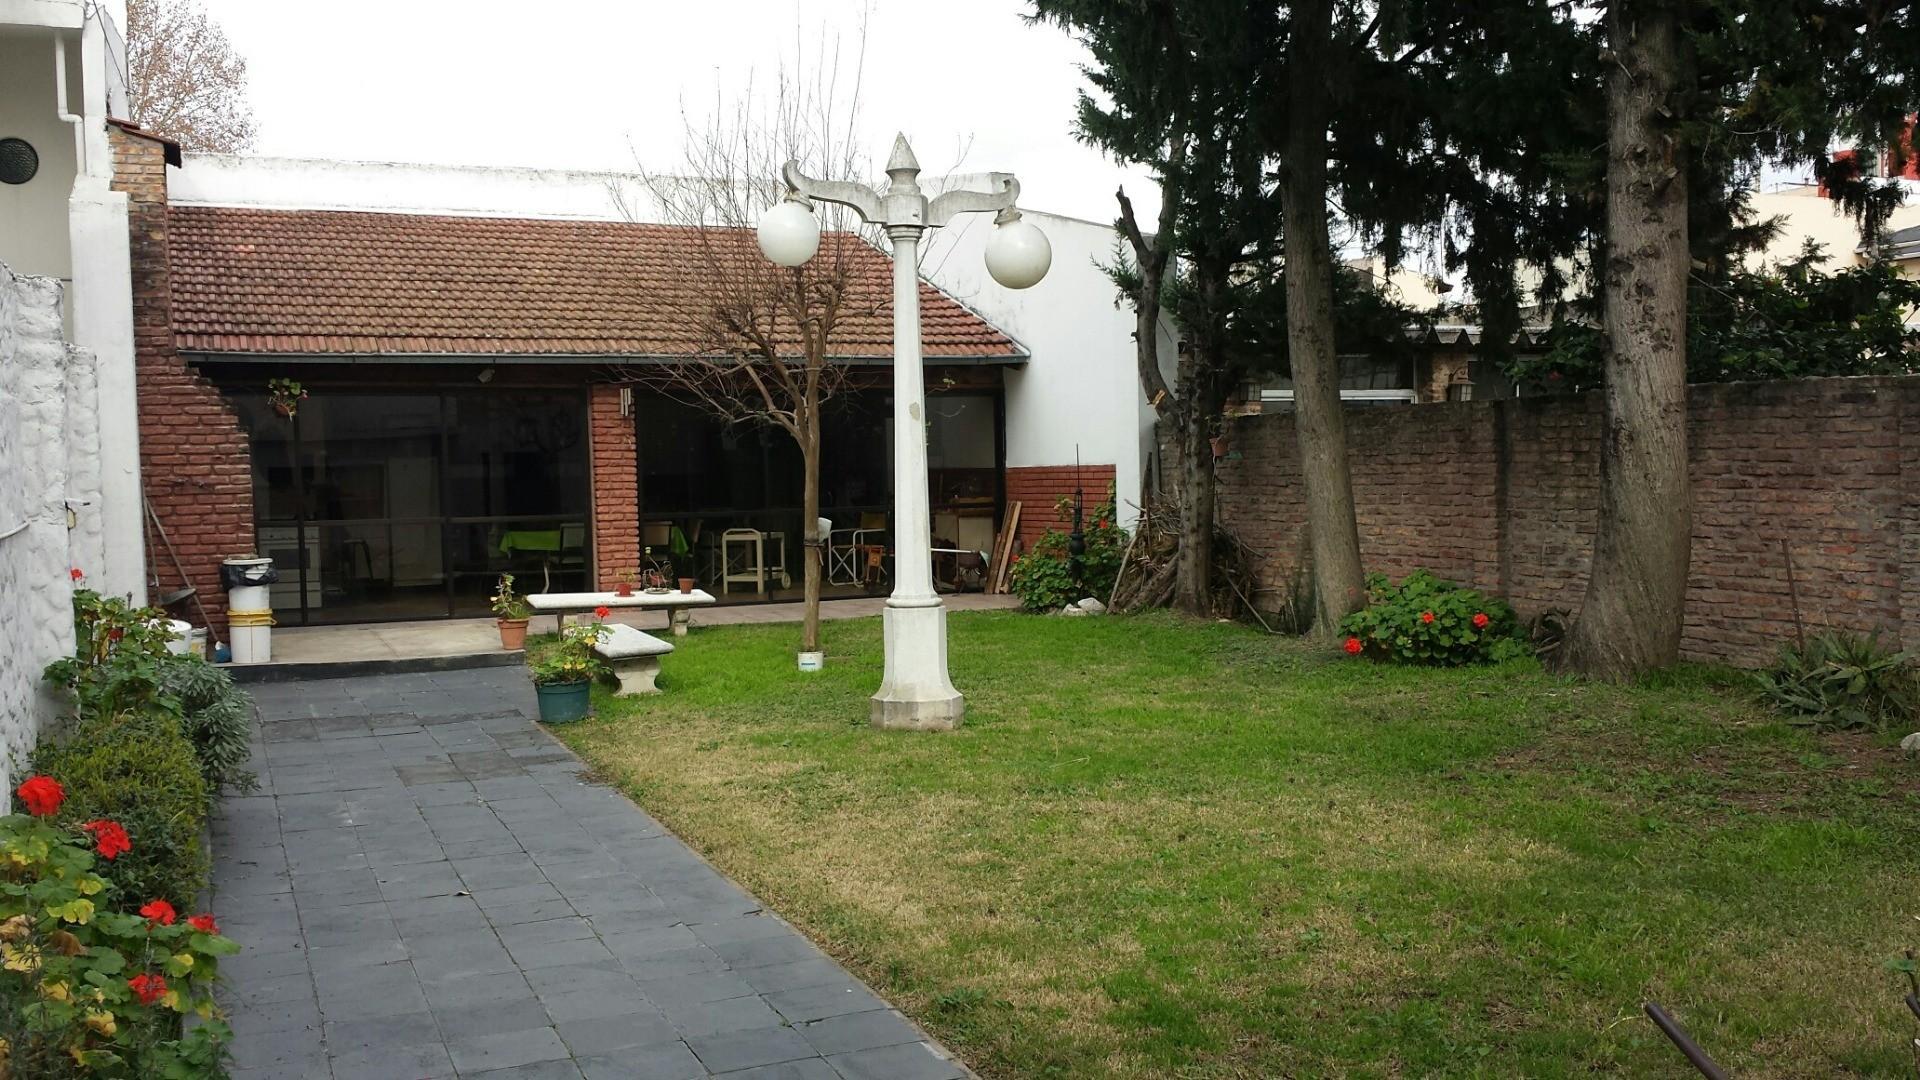 Casa en Venta en Villa Pueyrredon - 4 ambientes